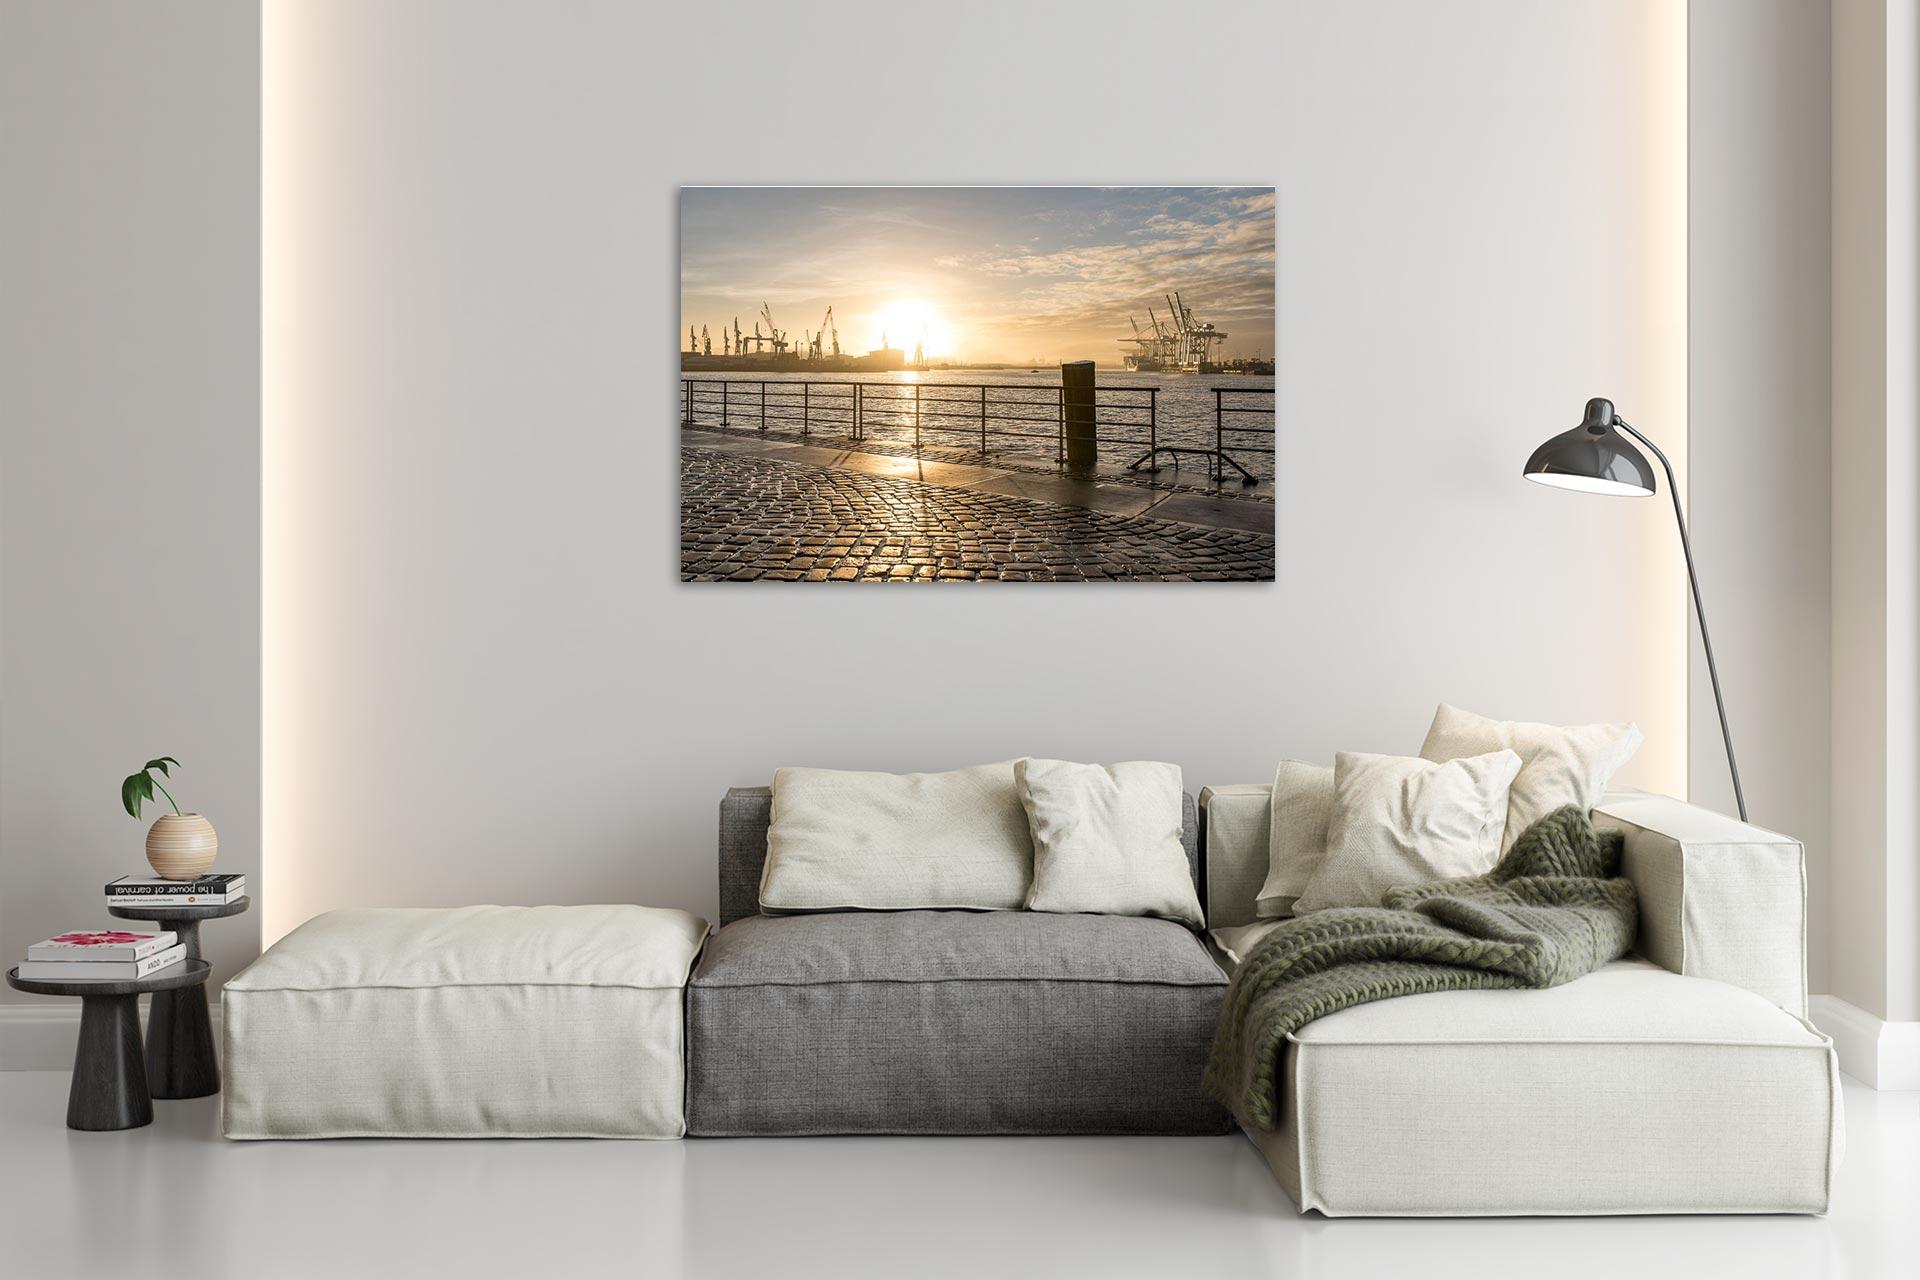 LCW285-holzhafen-wandbild-bild-auf-leinwand-acrylglas-aludibond-wohnzimmer